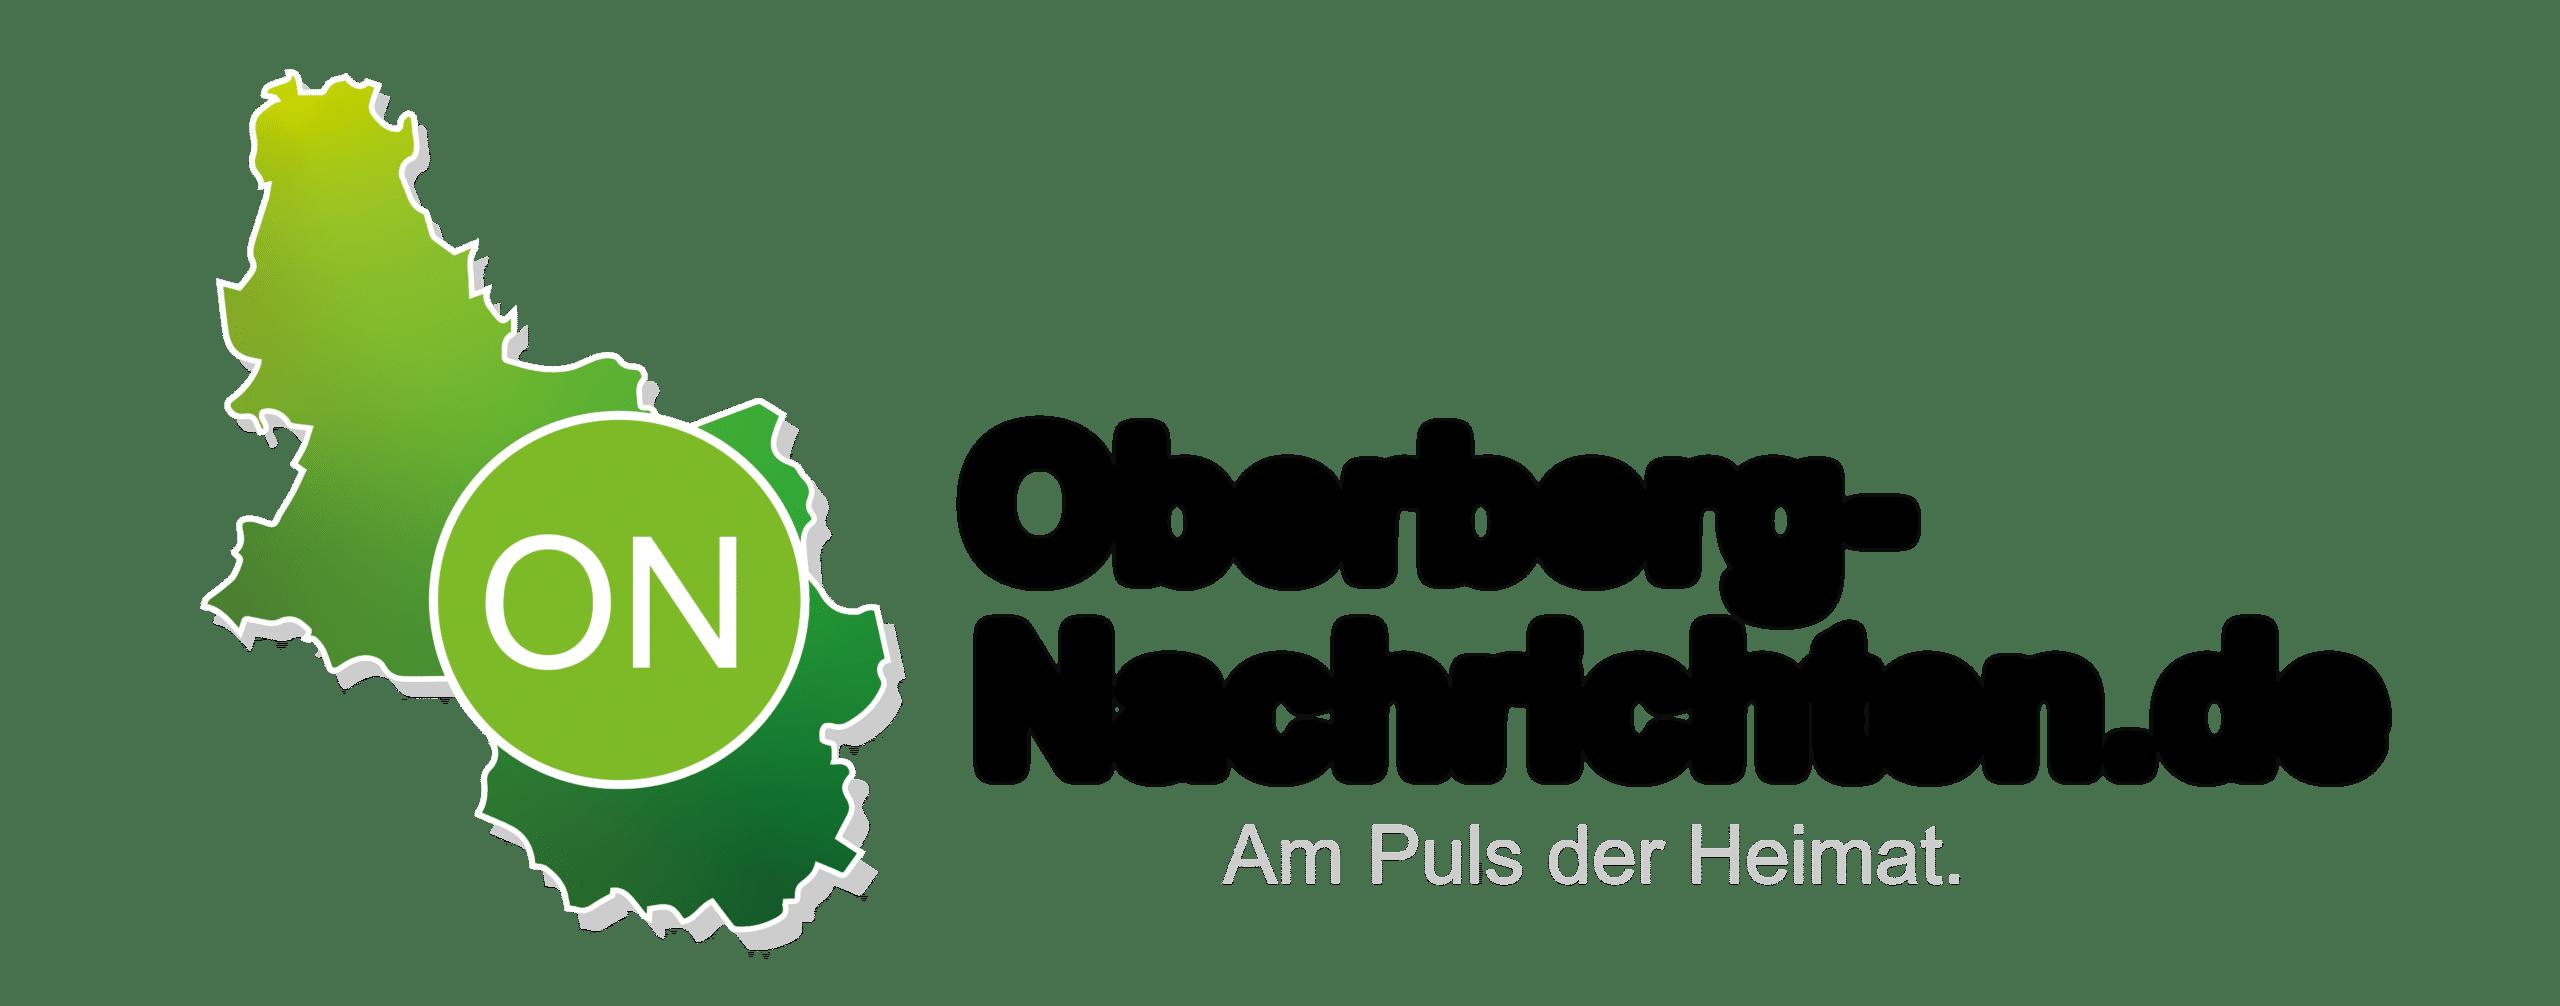 Oberberg Nachrichten | Am Puls der Heimat.